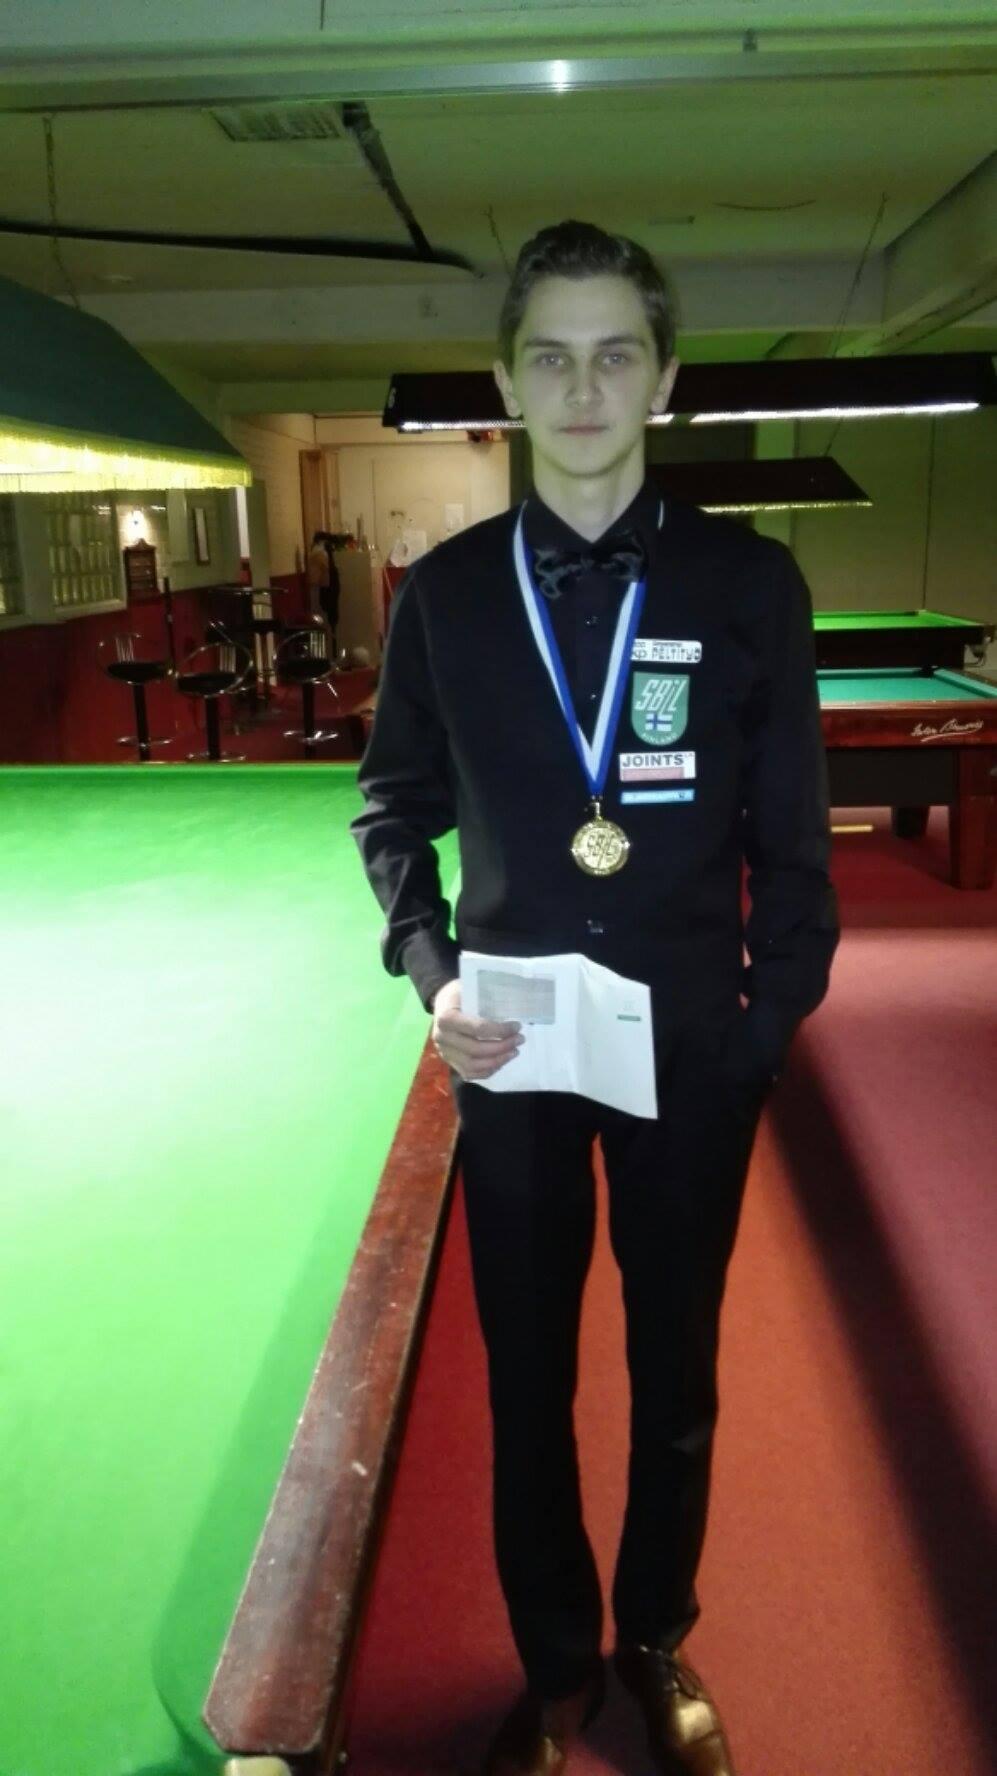 H-Hetki (IBSF U18 & U21 Mol, Belgium)